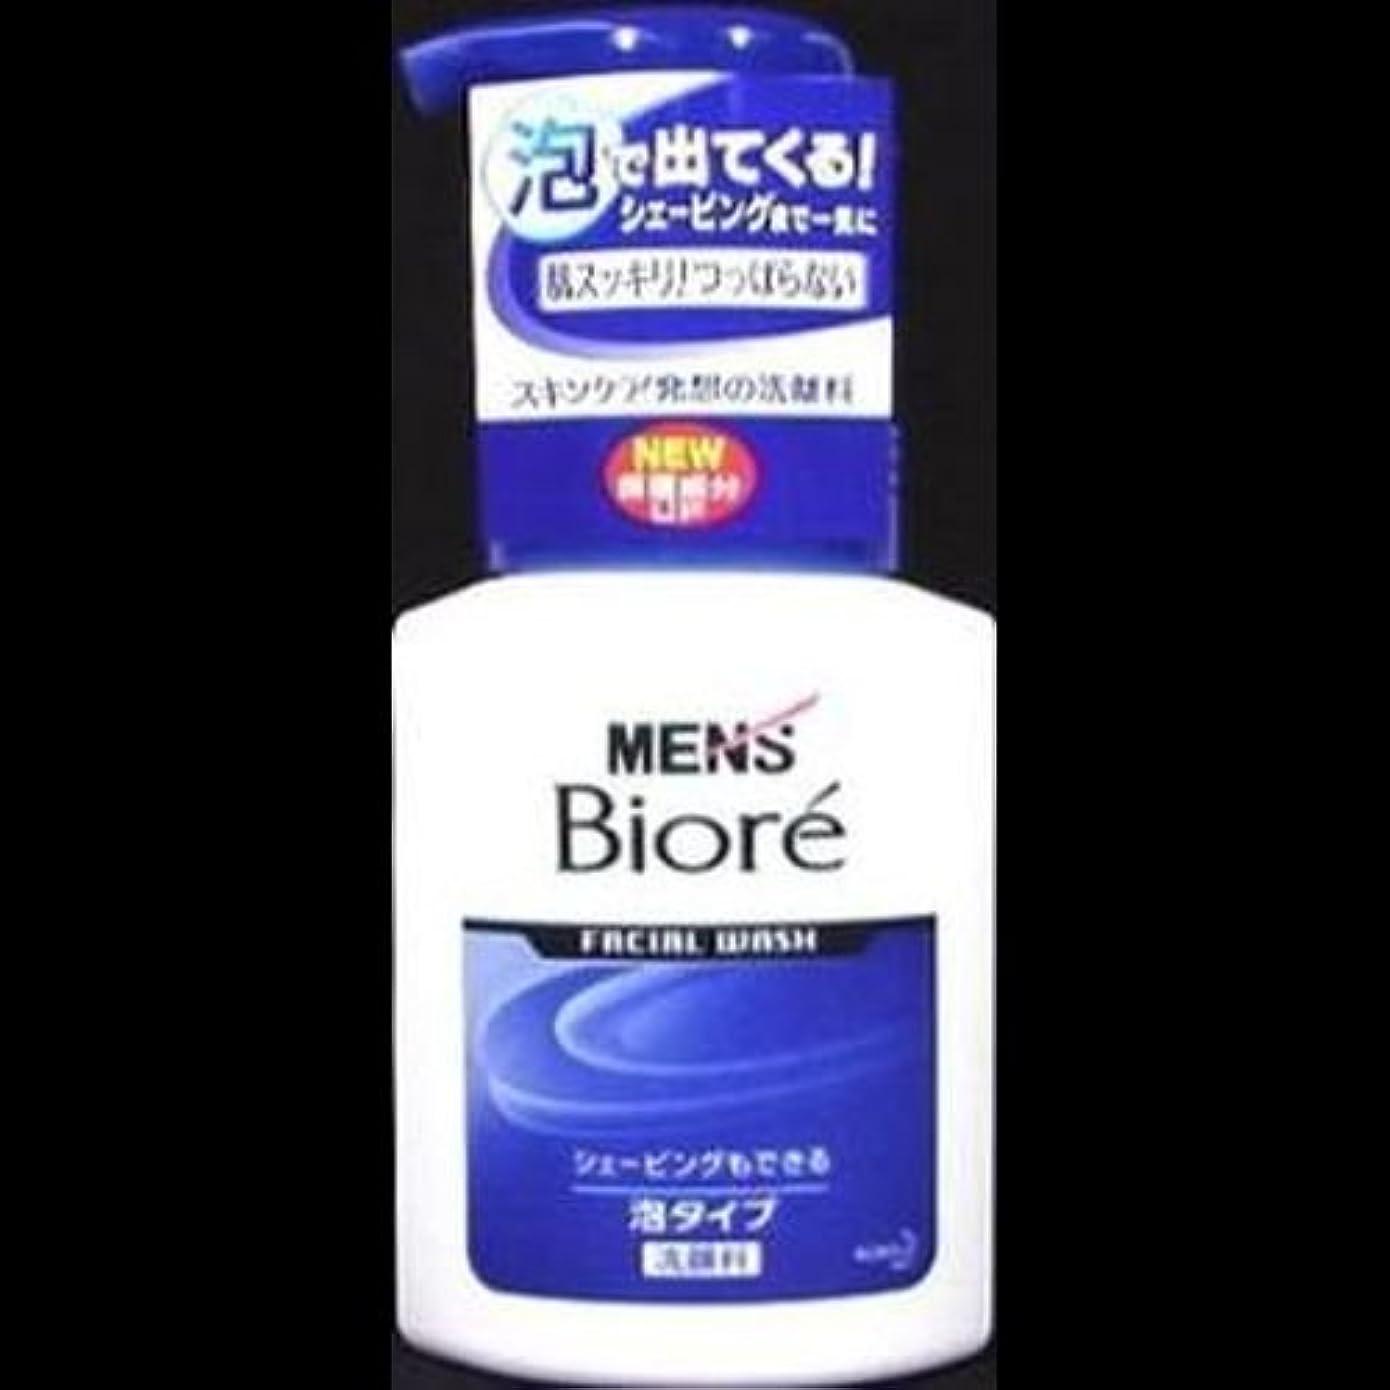 恐ろしい名門アーク【まとめ買い】メンズビオレ 泡タイプ洗顔 ×2セット